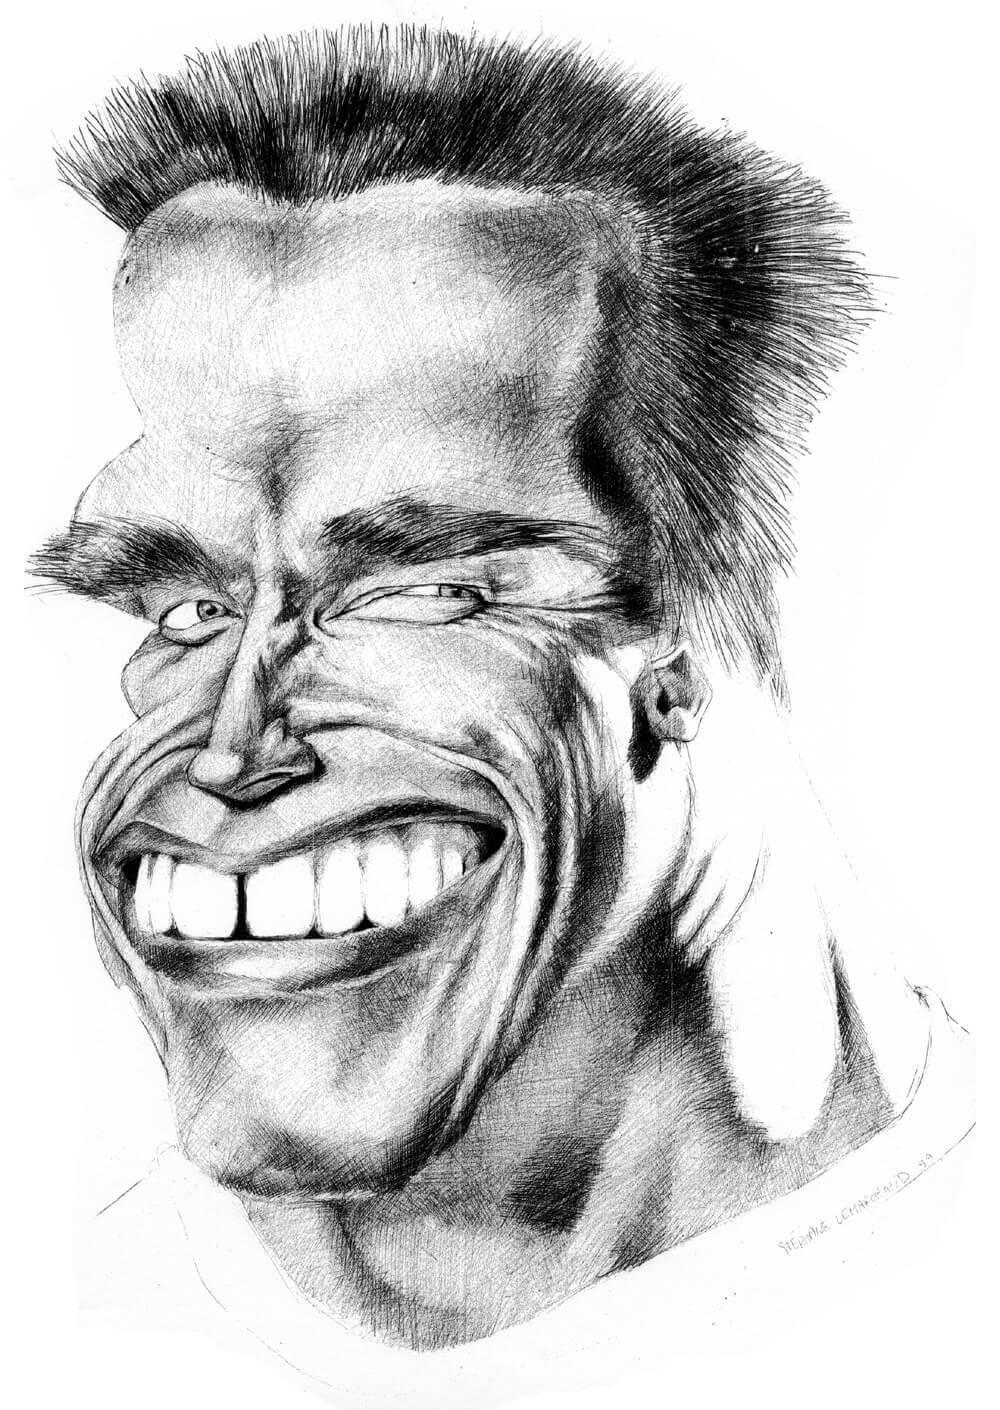 caricature de Schwarzenegger, acteur